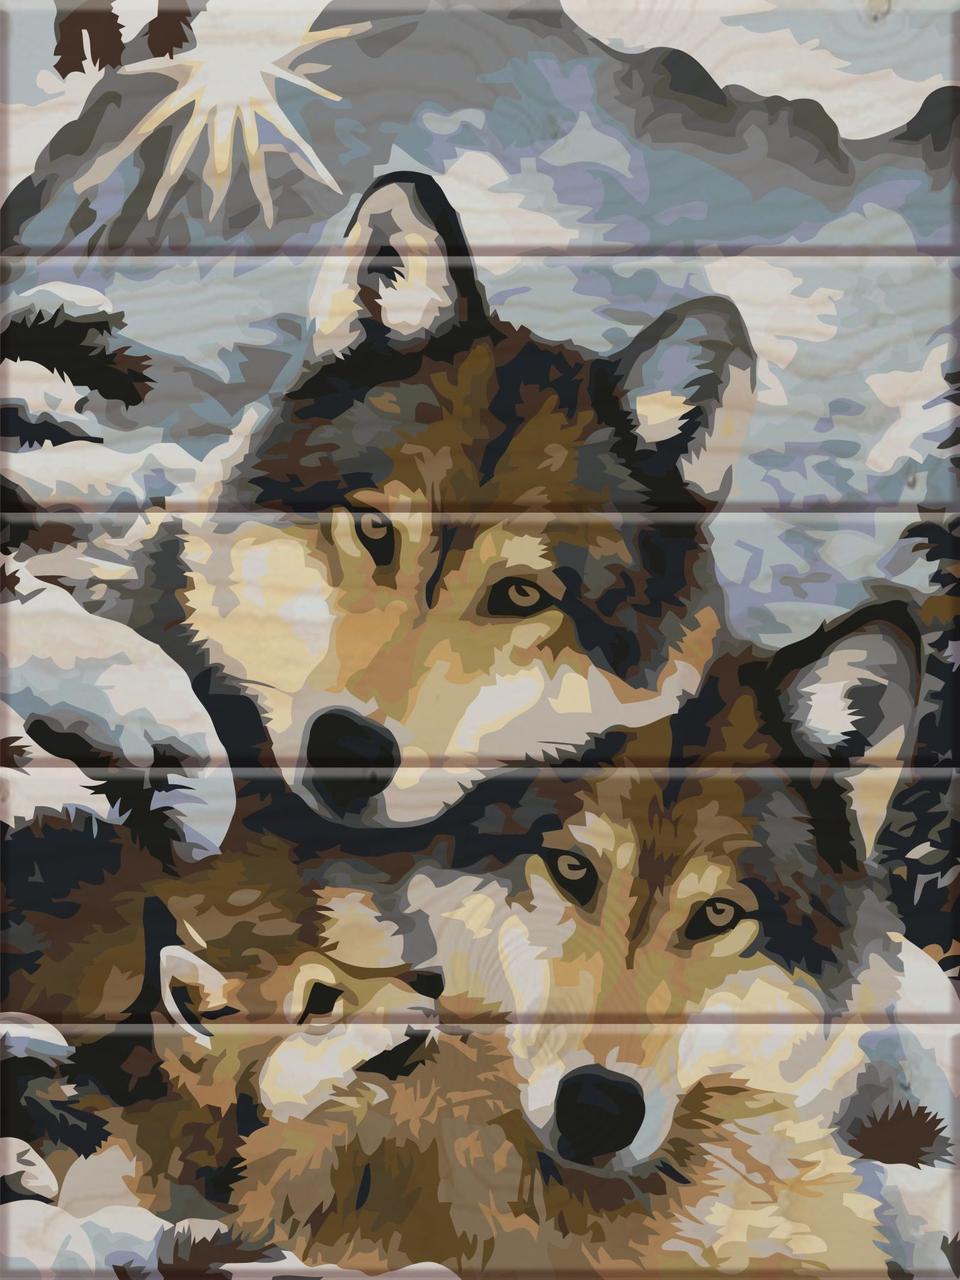 ASW013 Раскраска по номерам на деревянной основе Семья волков, В картонной коробке